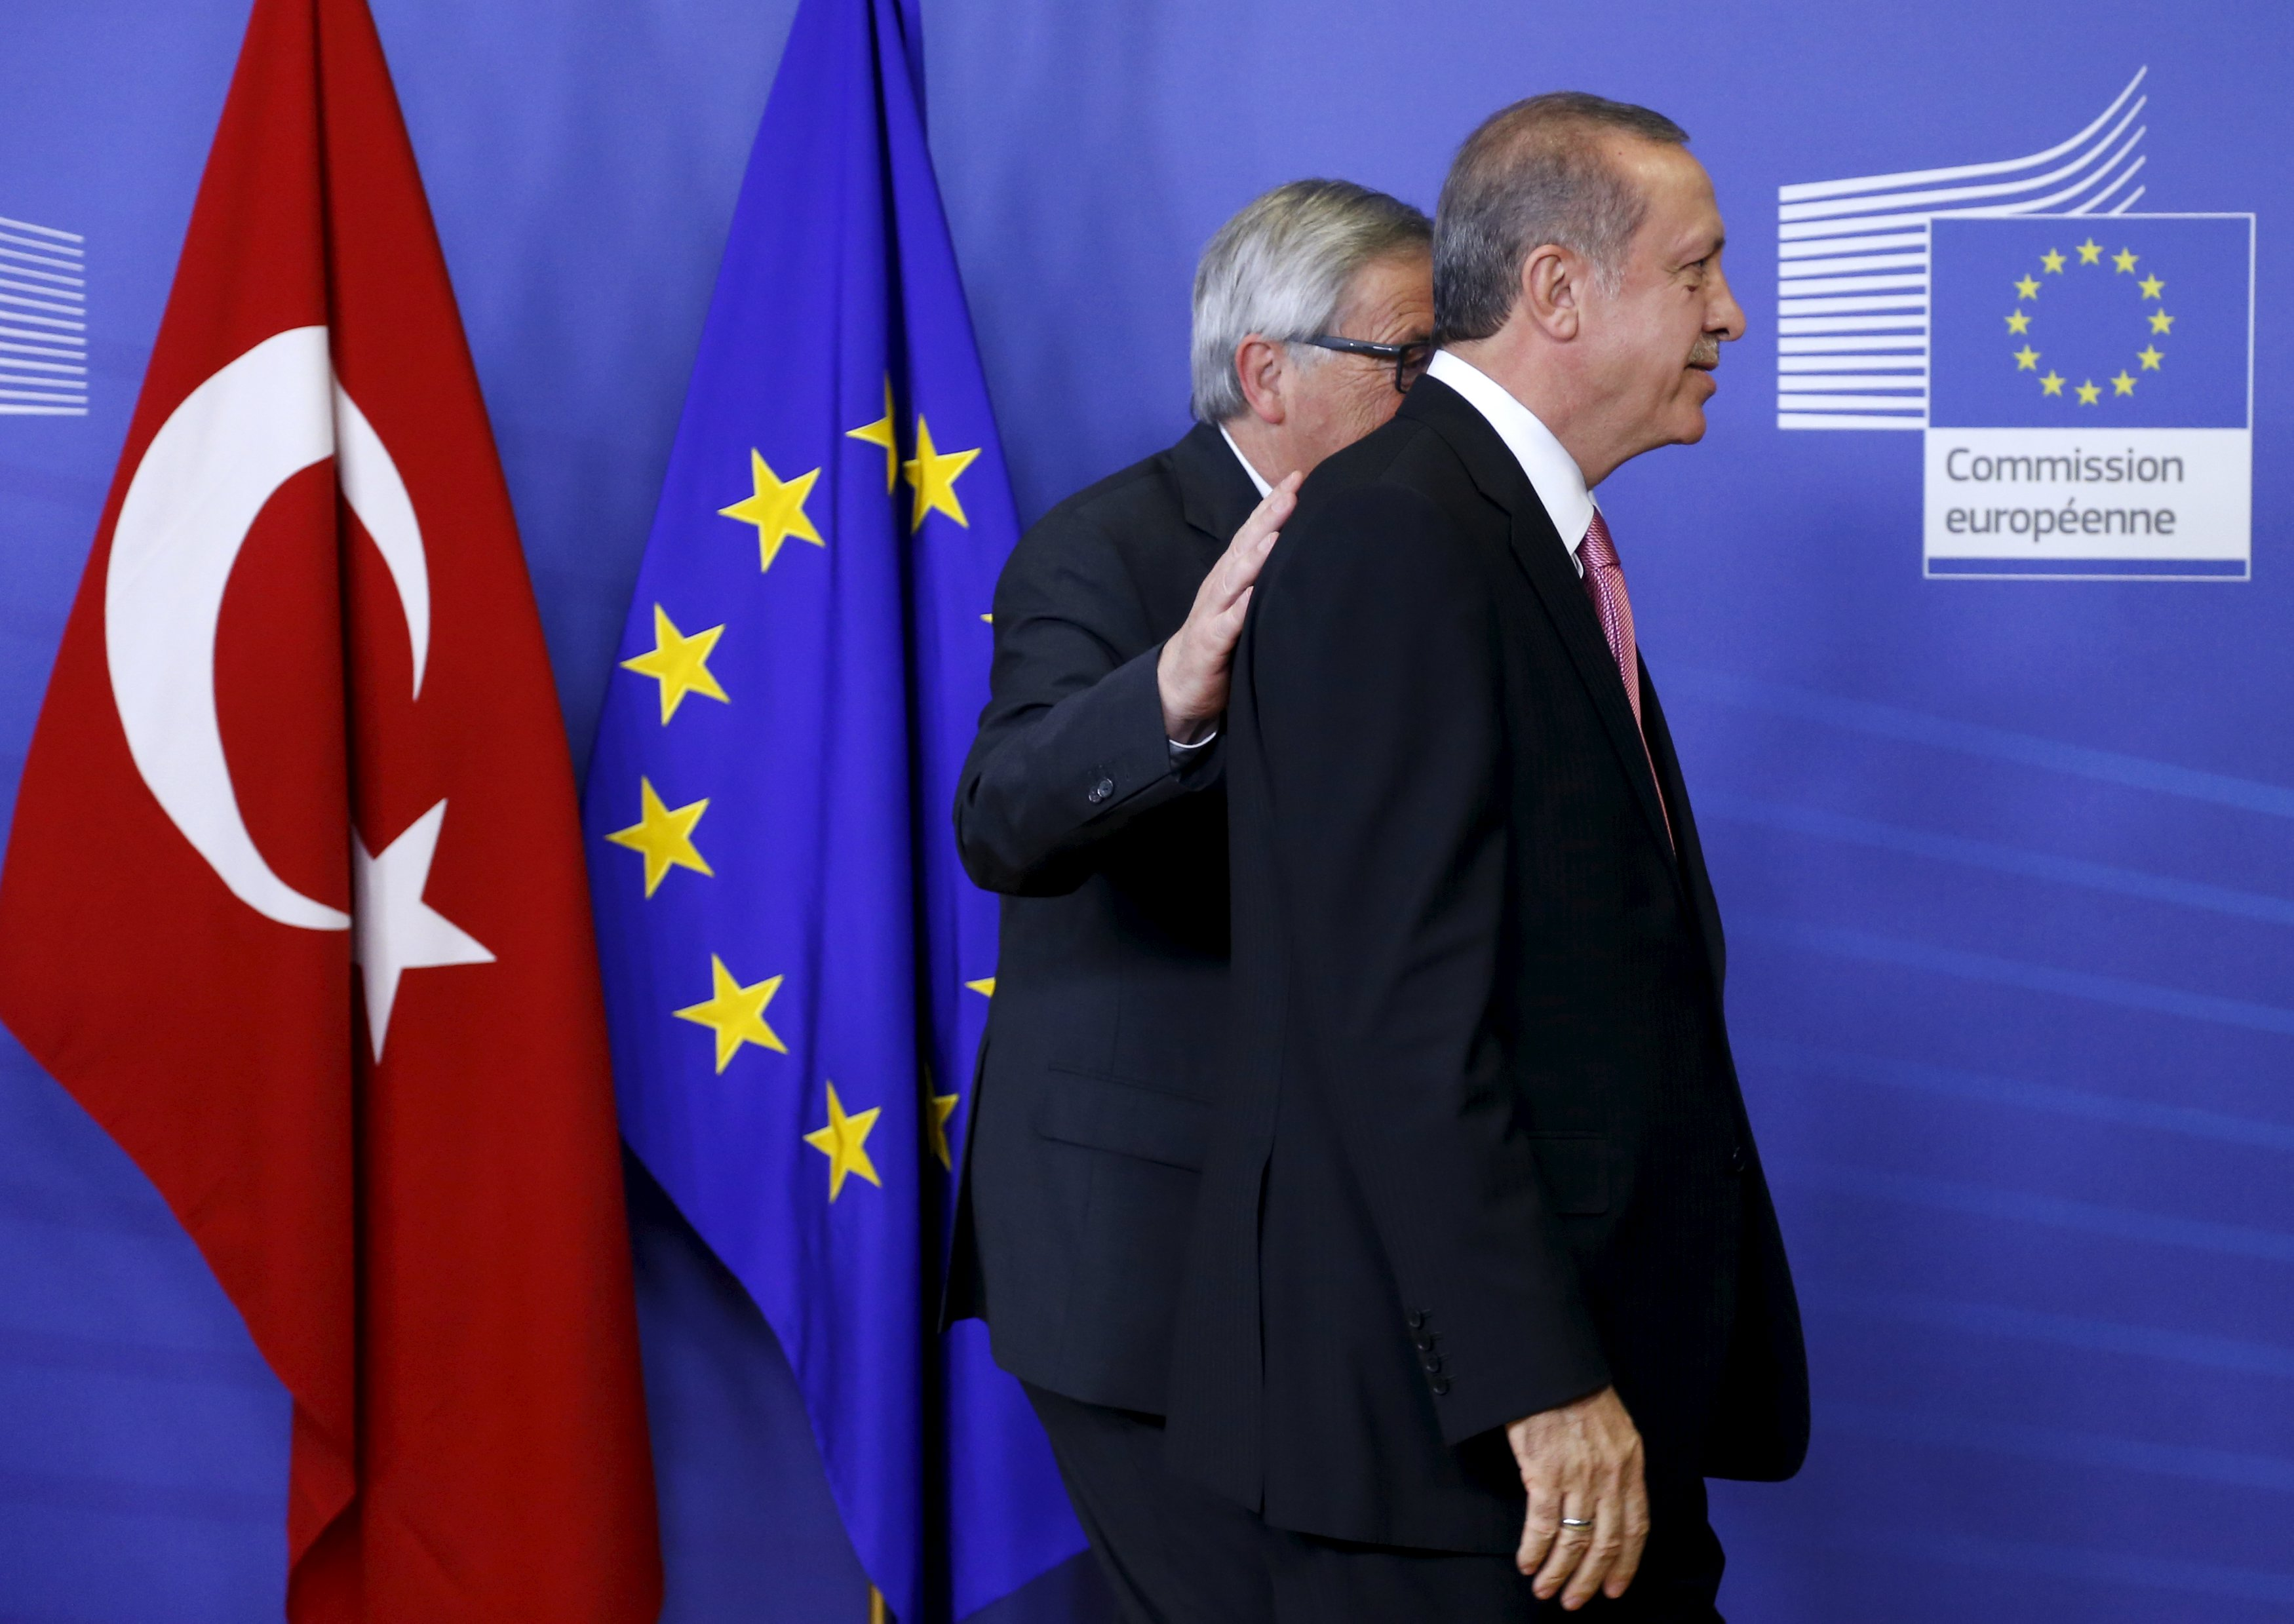 ¿Qué consecuencias tendría la entrada de Turquía en la UE?